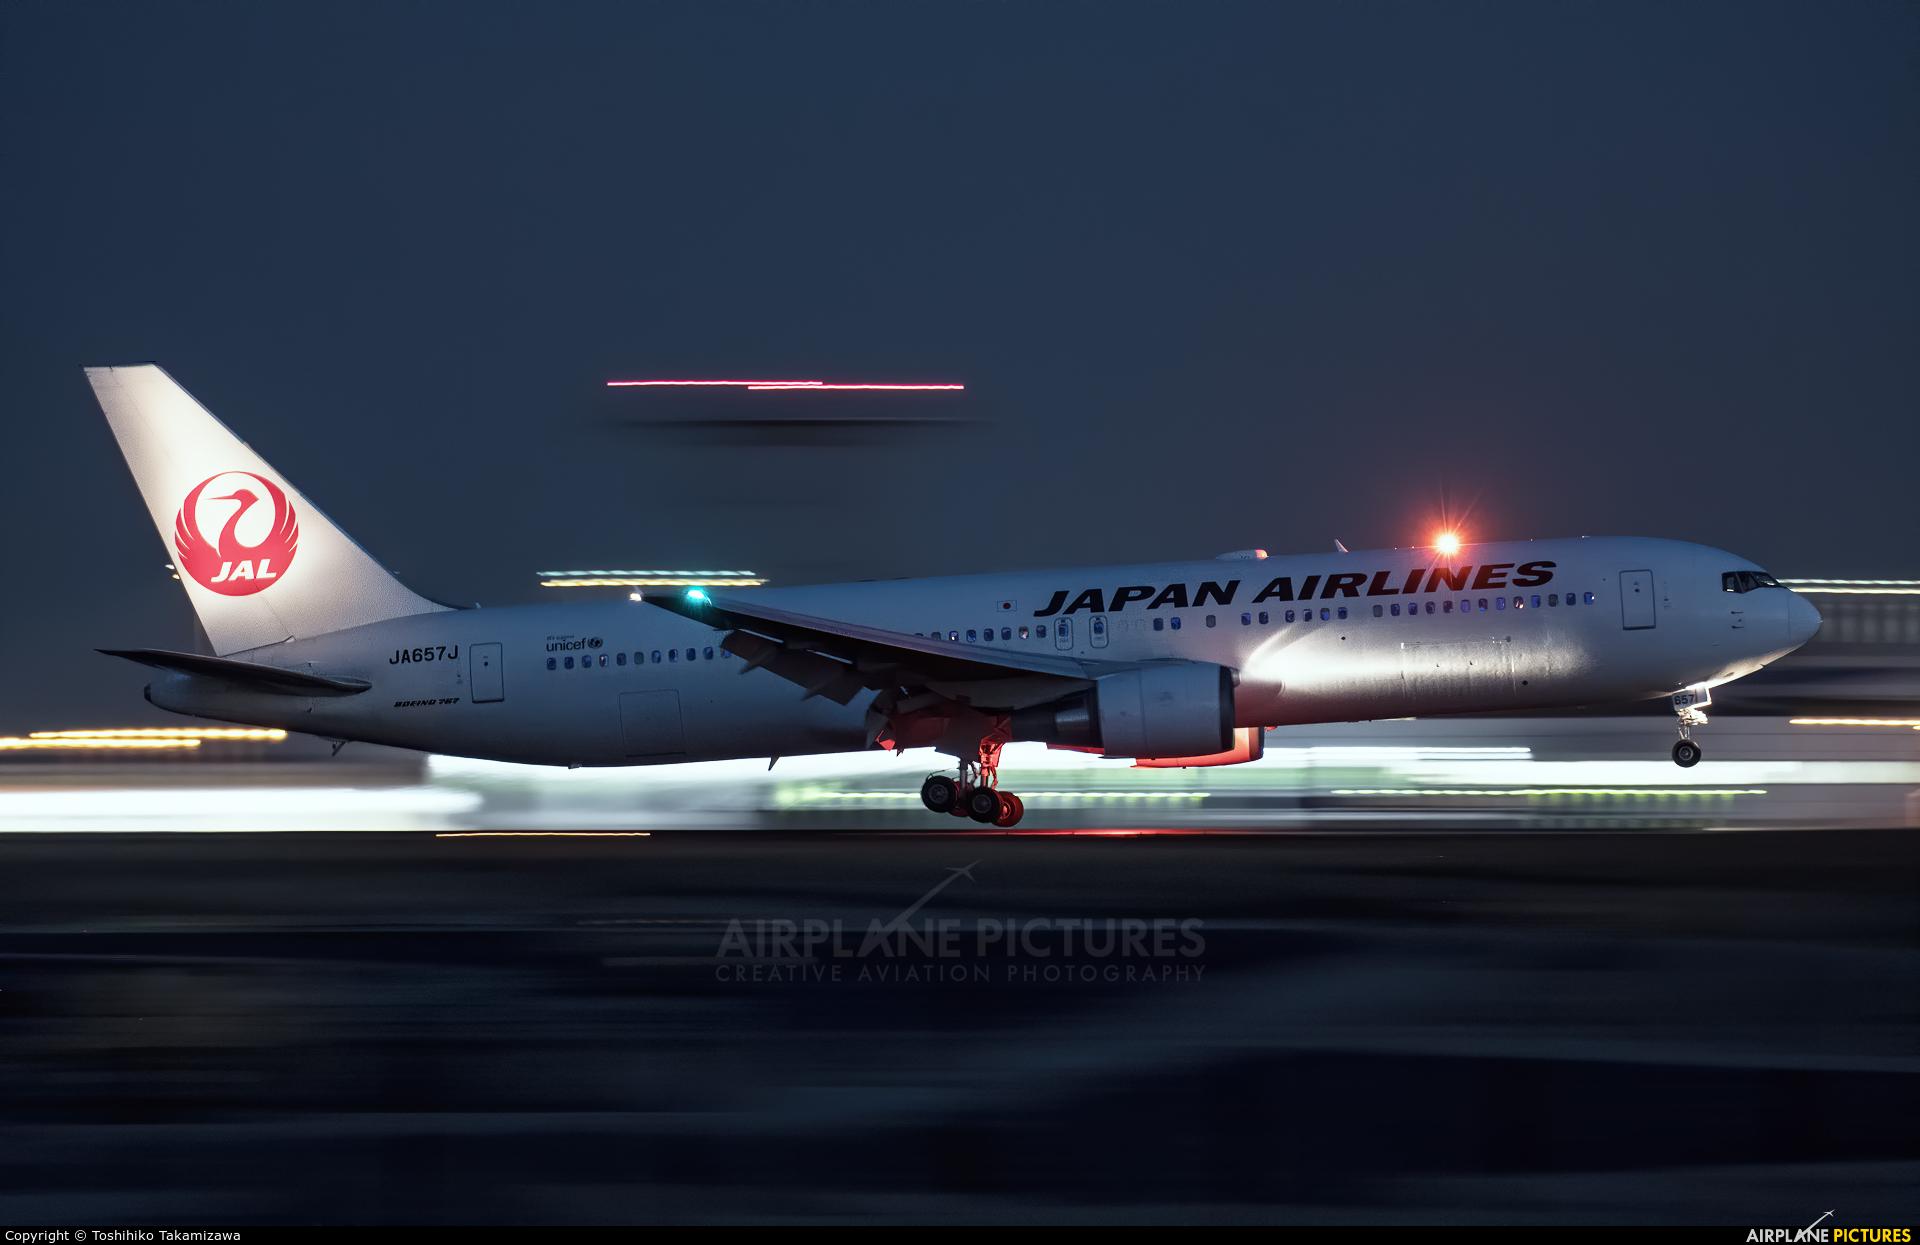 JAL - Japan Airlines JA657J aircraft at Tokyo - Haneda Intl